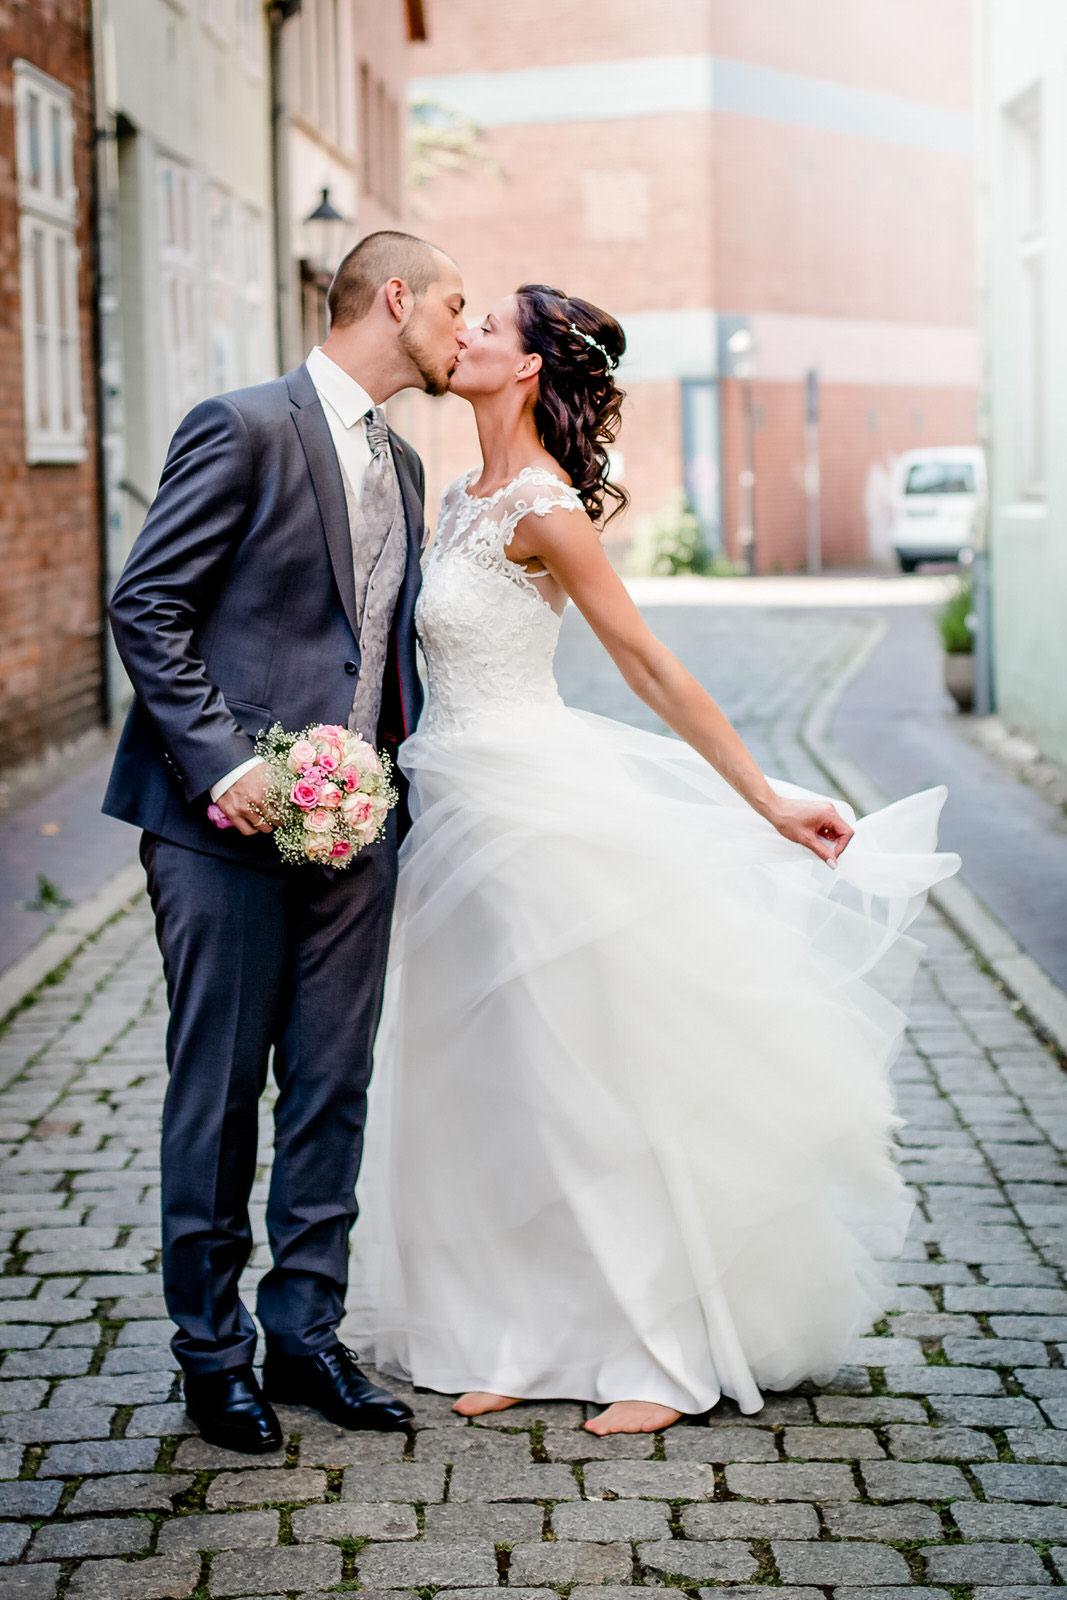 Hochzeit Tanja & Gerrit, Hochzeitsfotografie, Hochzeitsreportage, Hochzeitsfotos und Hochzeitsbilder, Hochzeitsfotografin Birgit Fechner, FOTOFECHNER